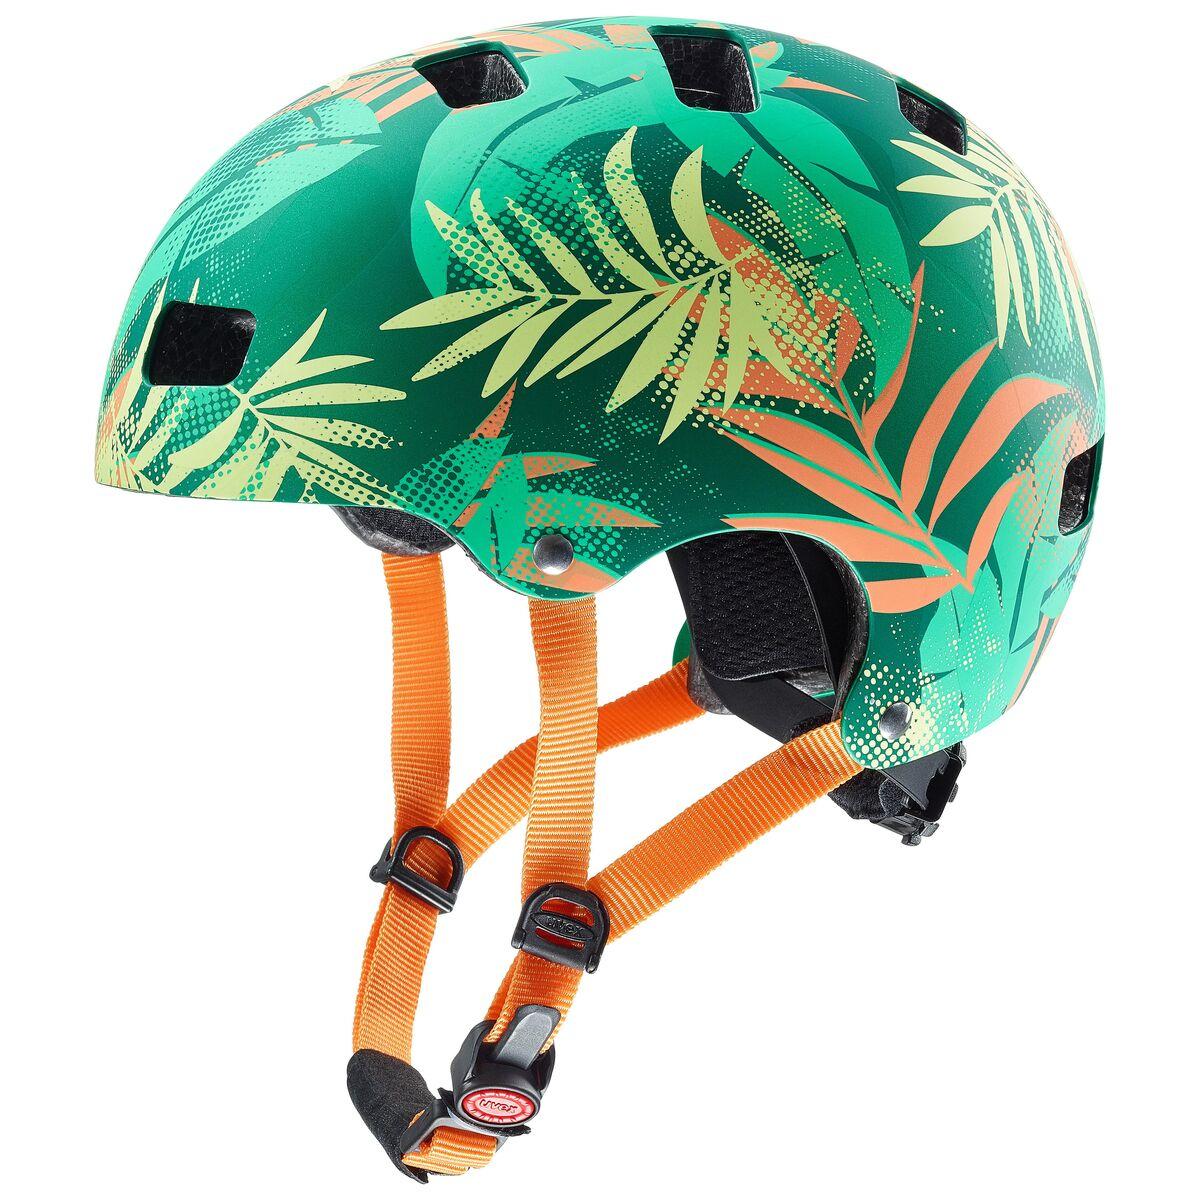 Uvex Kid 3 Cc Kinder Dirtbike Skate Fahrrad Helm Grun Orange 2019 Von Top Marken Online Kaufen We Cycle